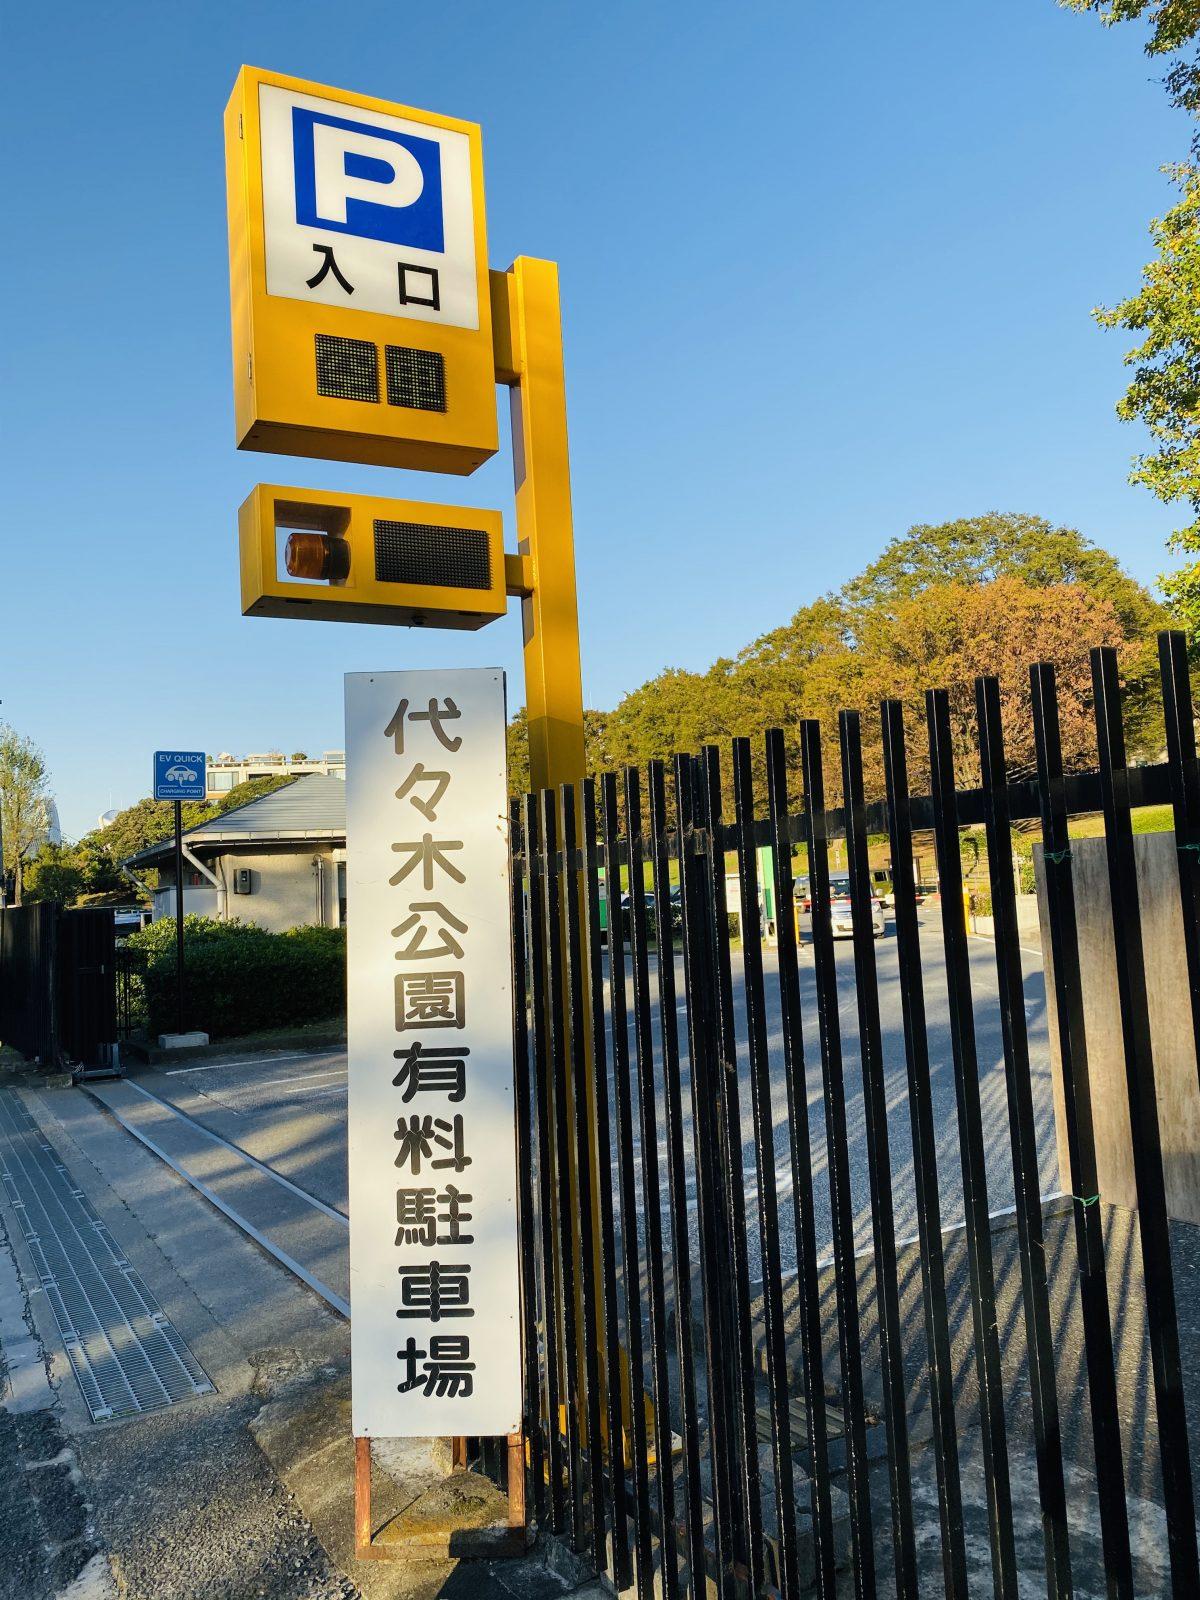 【駐車場】代々木公園駐車場